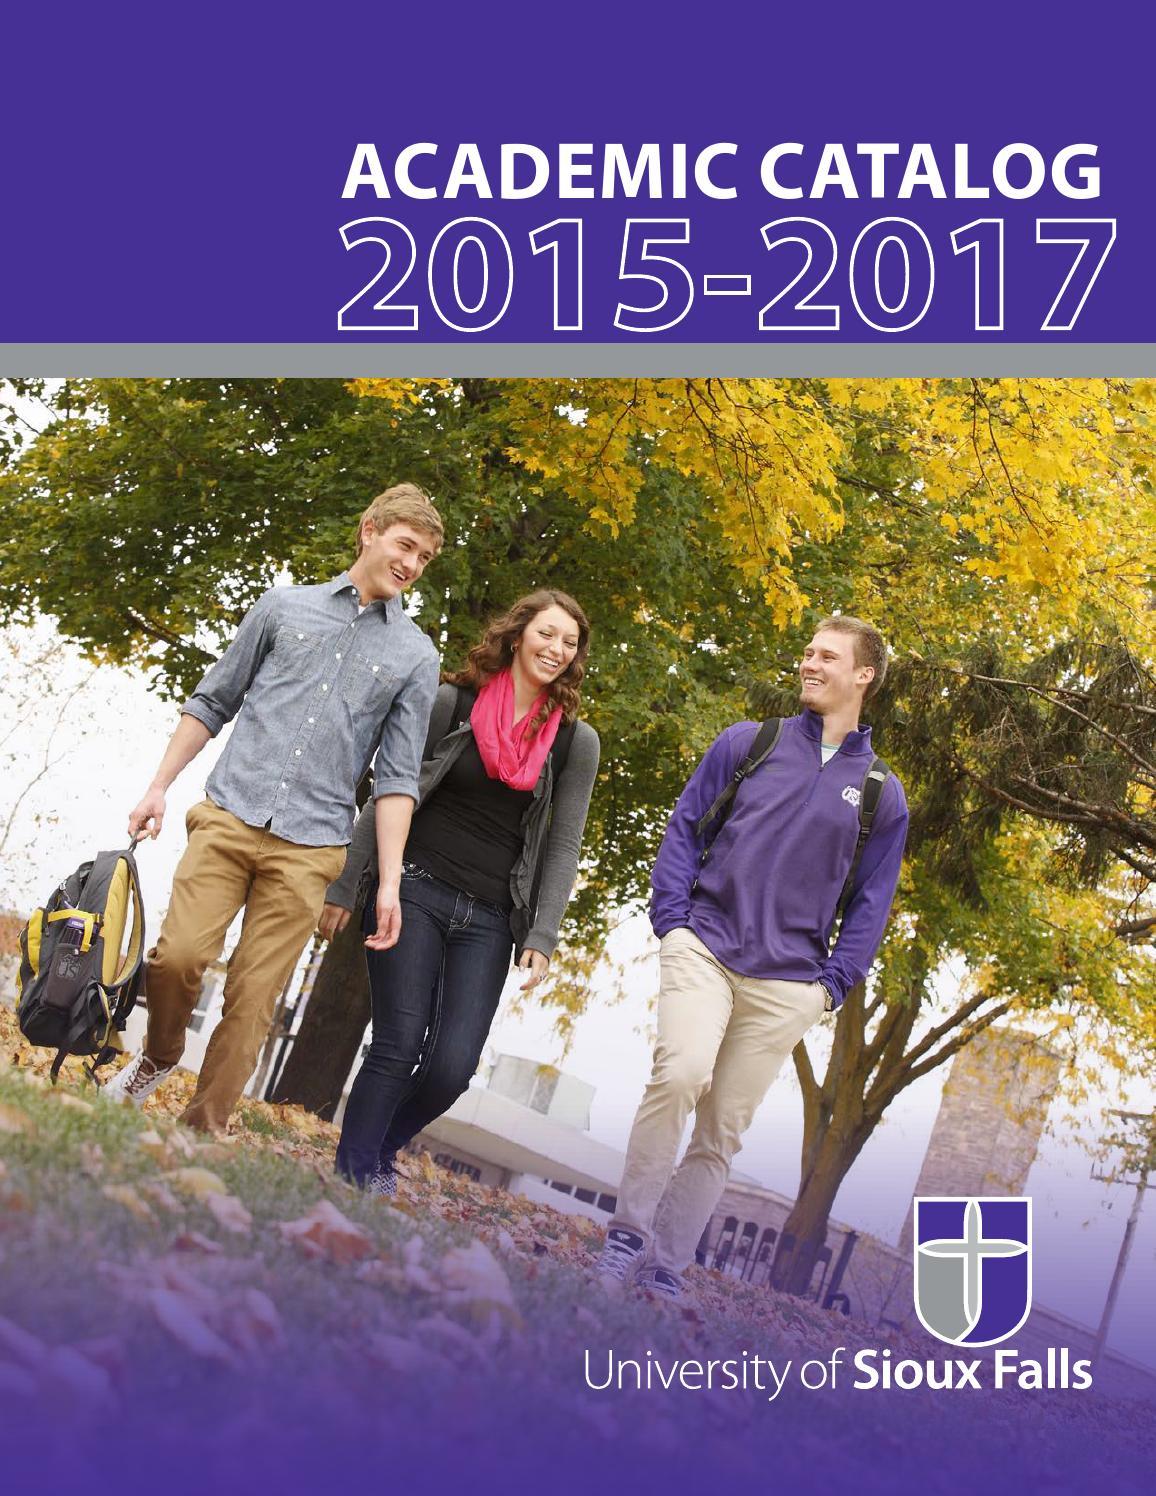 Usf Registrar Calendar.2015 2017 Usf Academic Catalog By University Of Sioux Falls Issuu